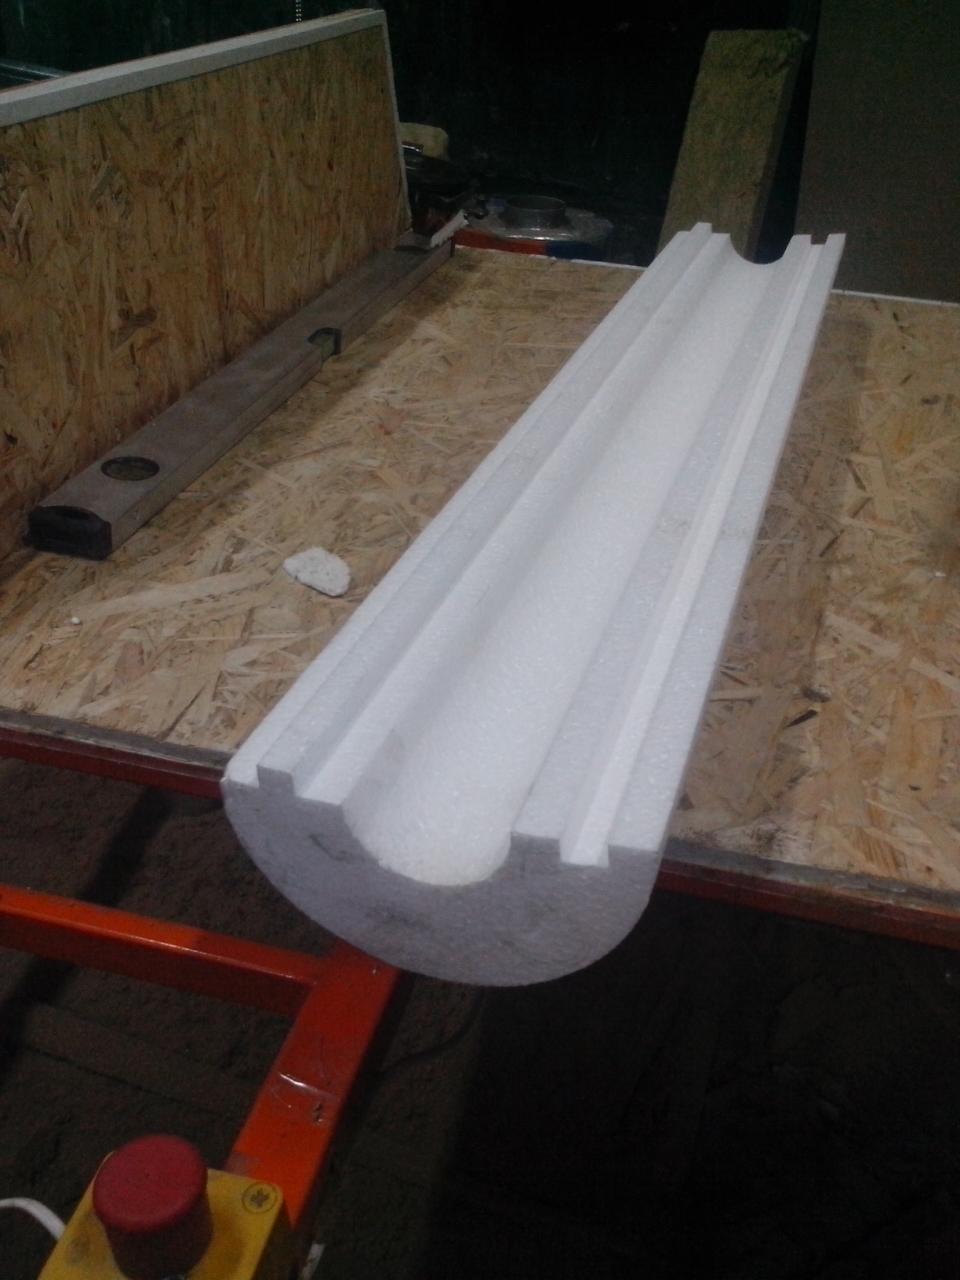 Утеплитель из пенопласта (пенополистирола) для труб Ø 121 мм толщиной 40 мм